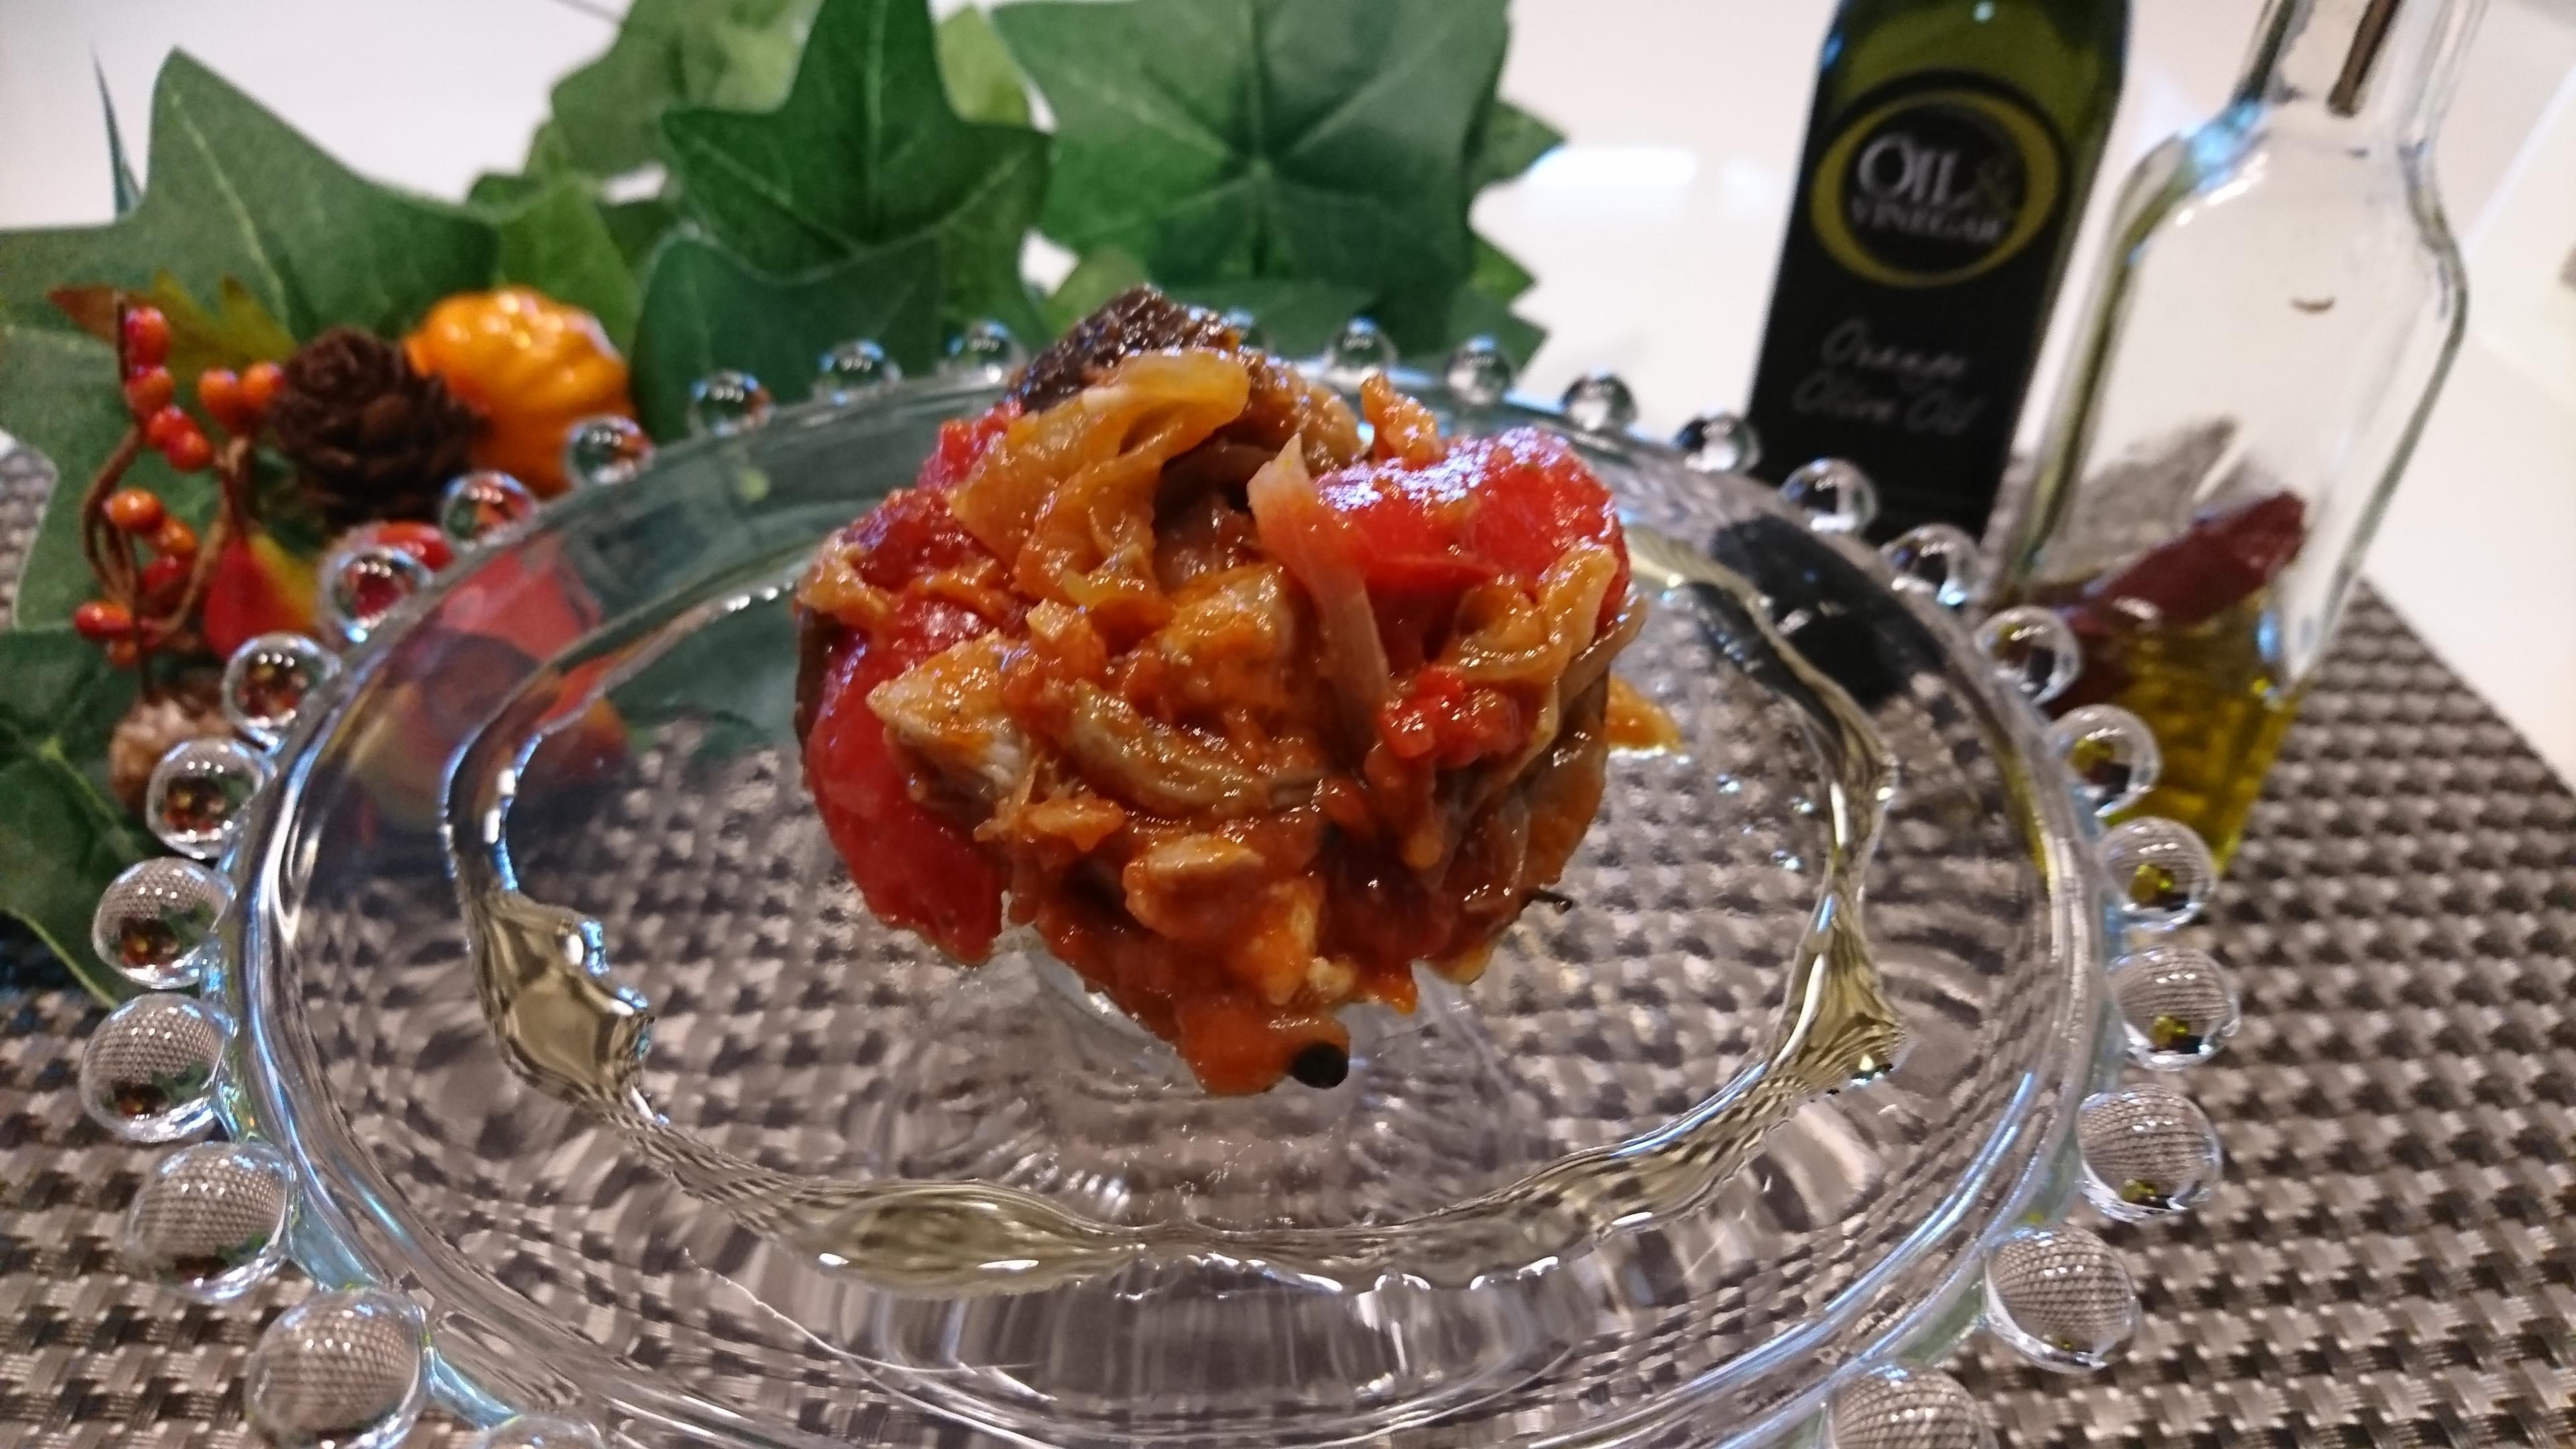 ナスとチキンのトマト煮込み